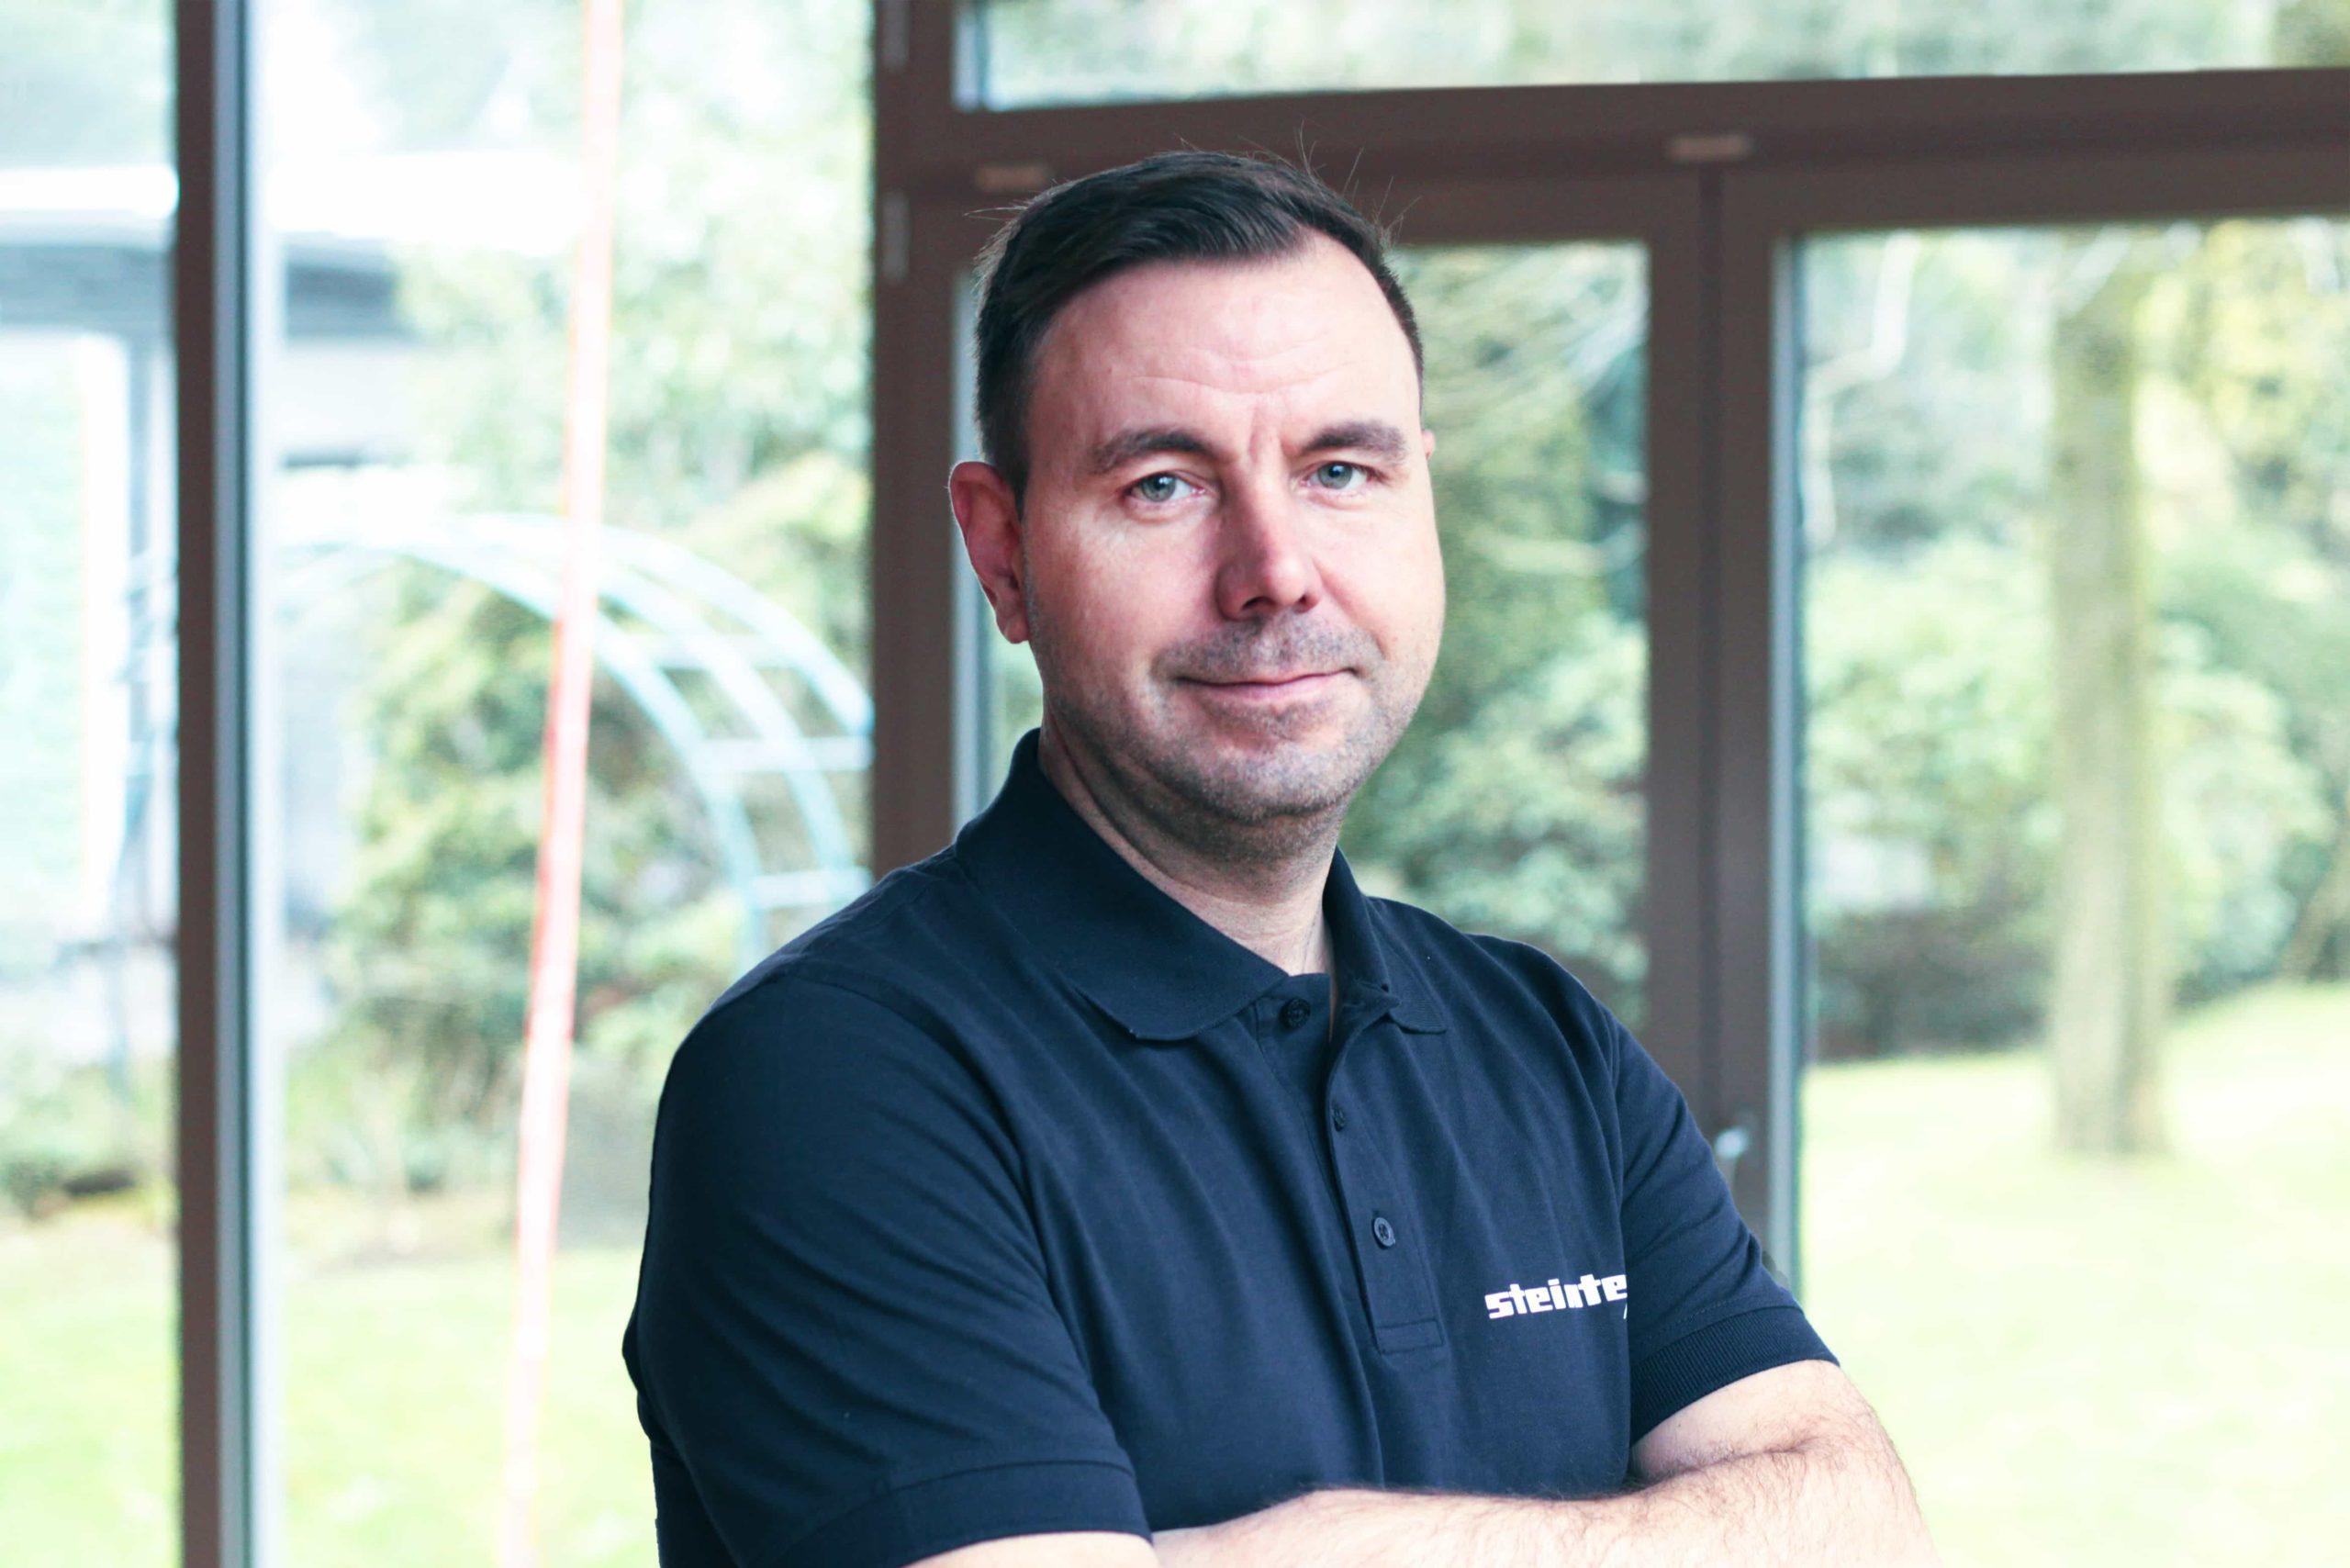 Michael Wellmann